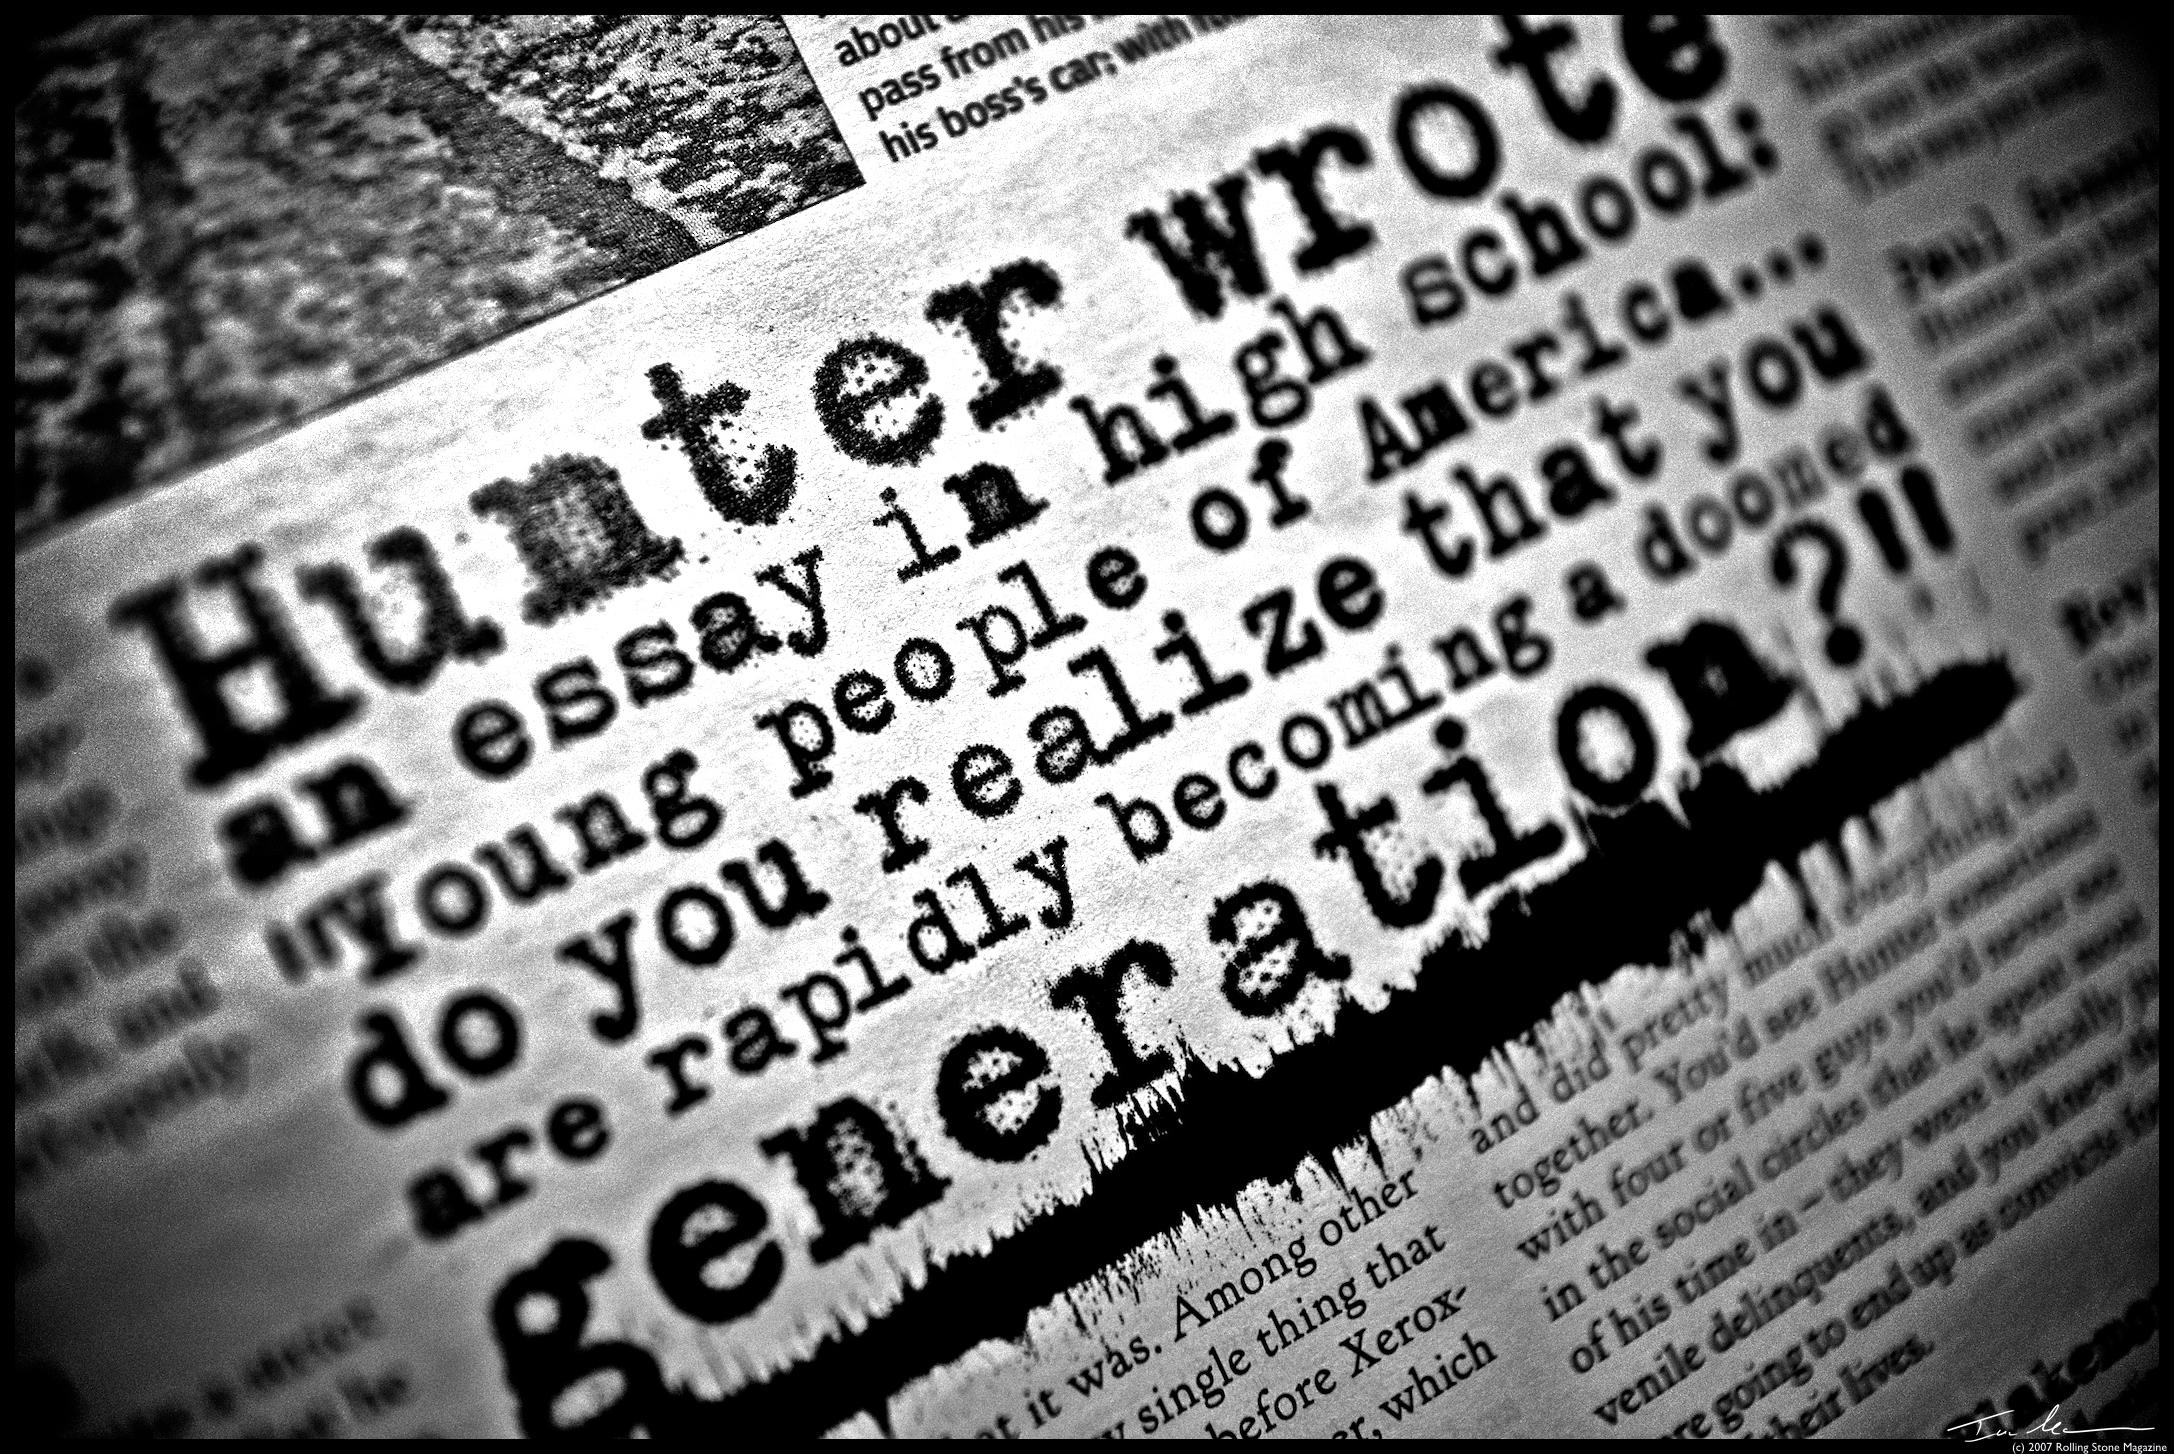 L'écriture a bien changé depuis Hunter Thompson! Pas sûr que ces (très) long articles passeraient encore aujourd'hui...